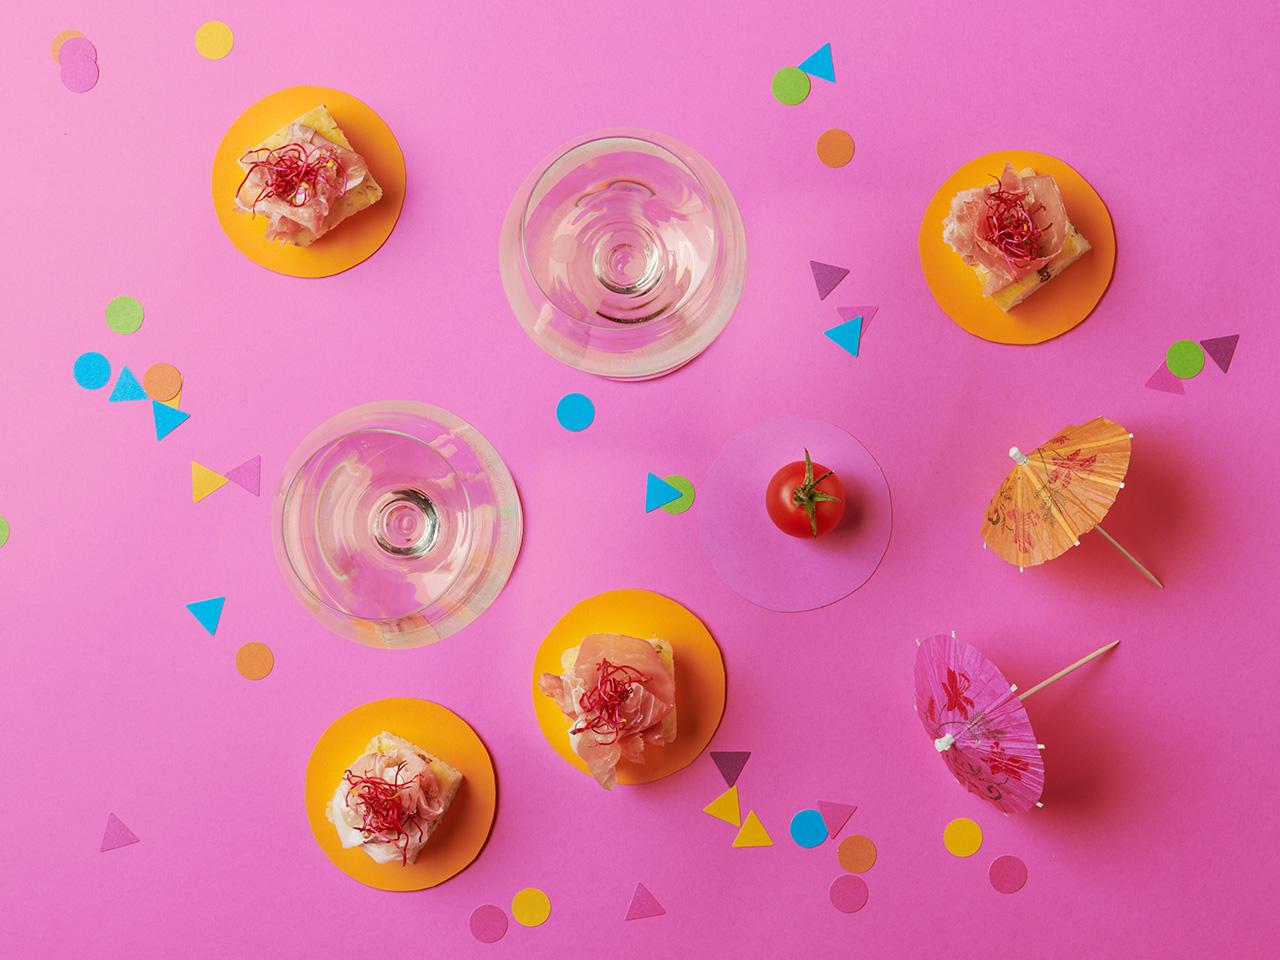 millage-pinot-rose-brut-parma